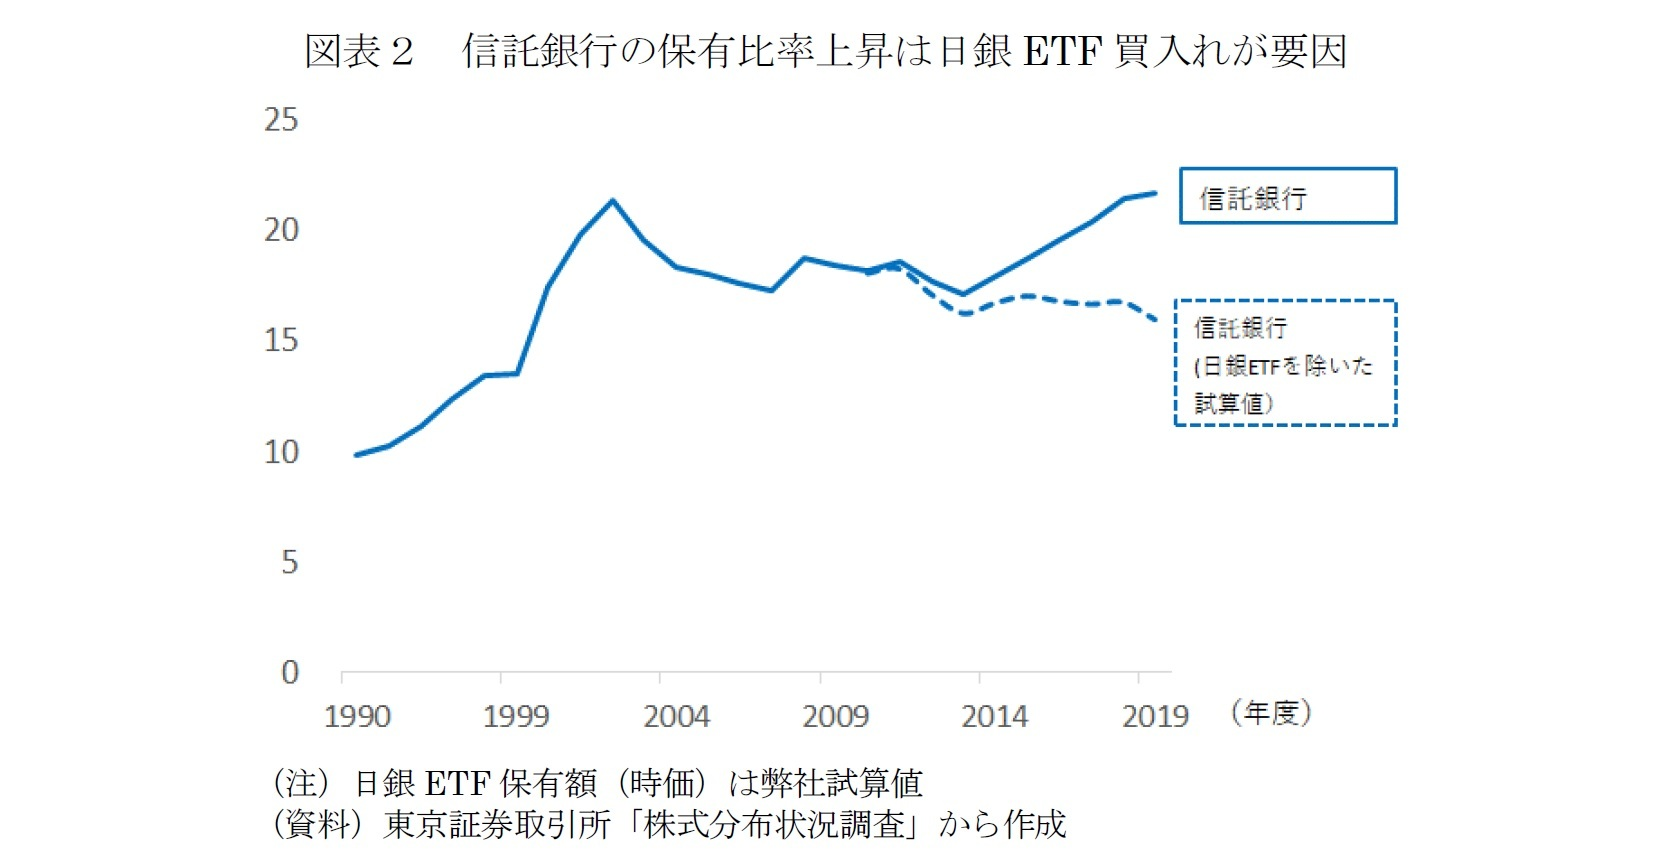 図表2 信託銀行の保有比率上昇は日銀ETF買入れが要因